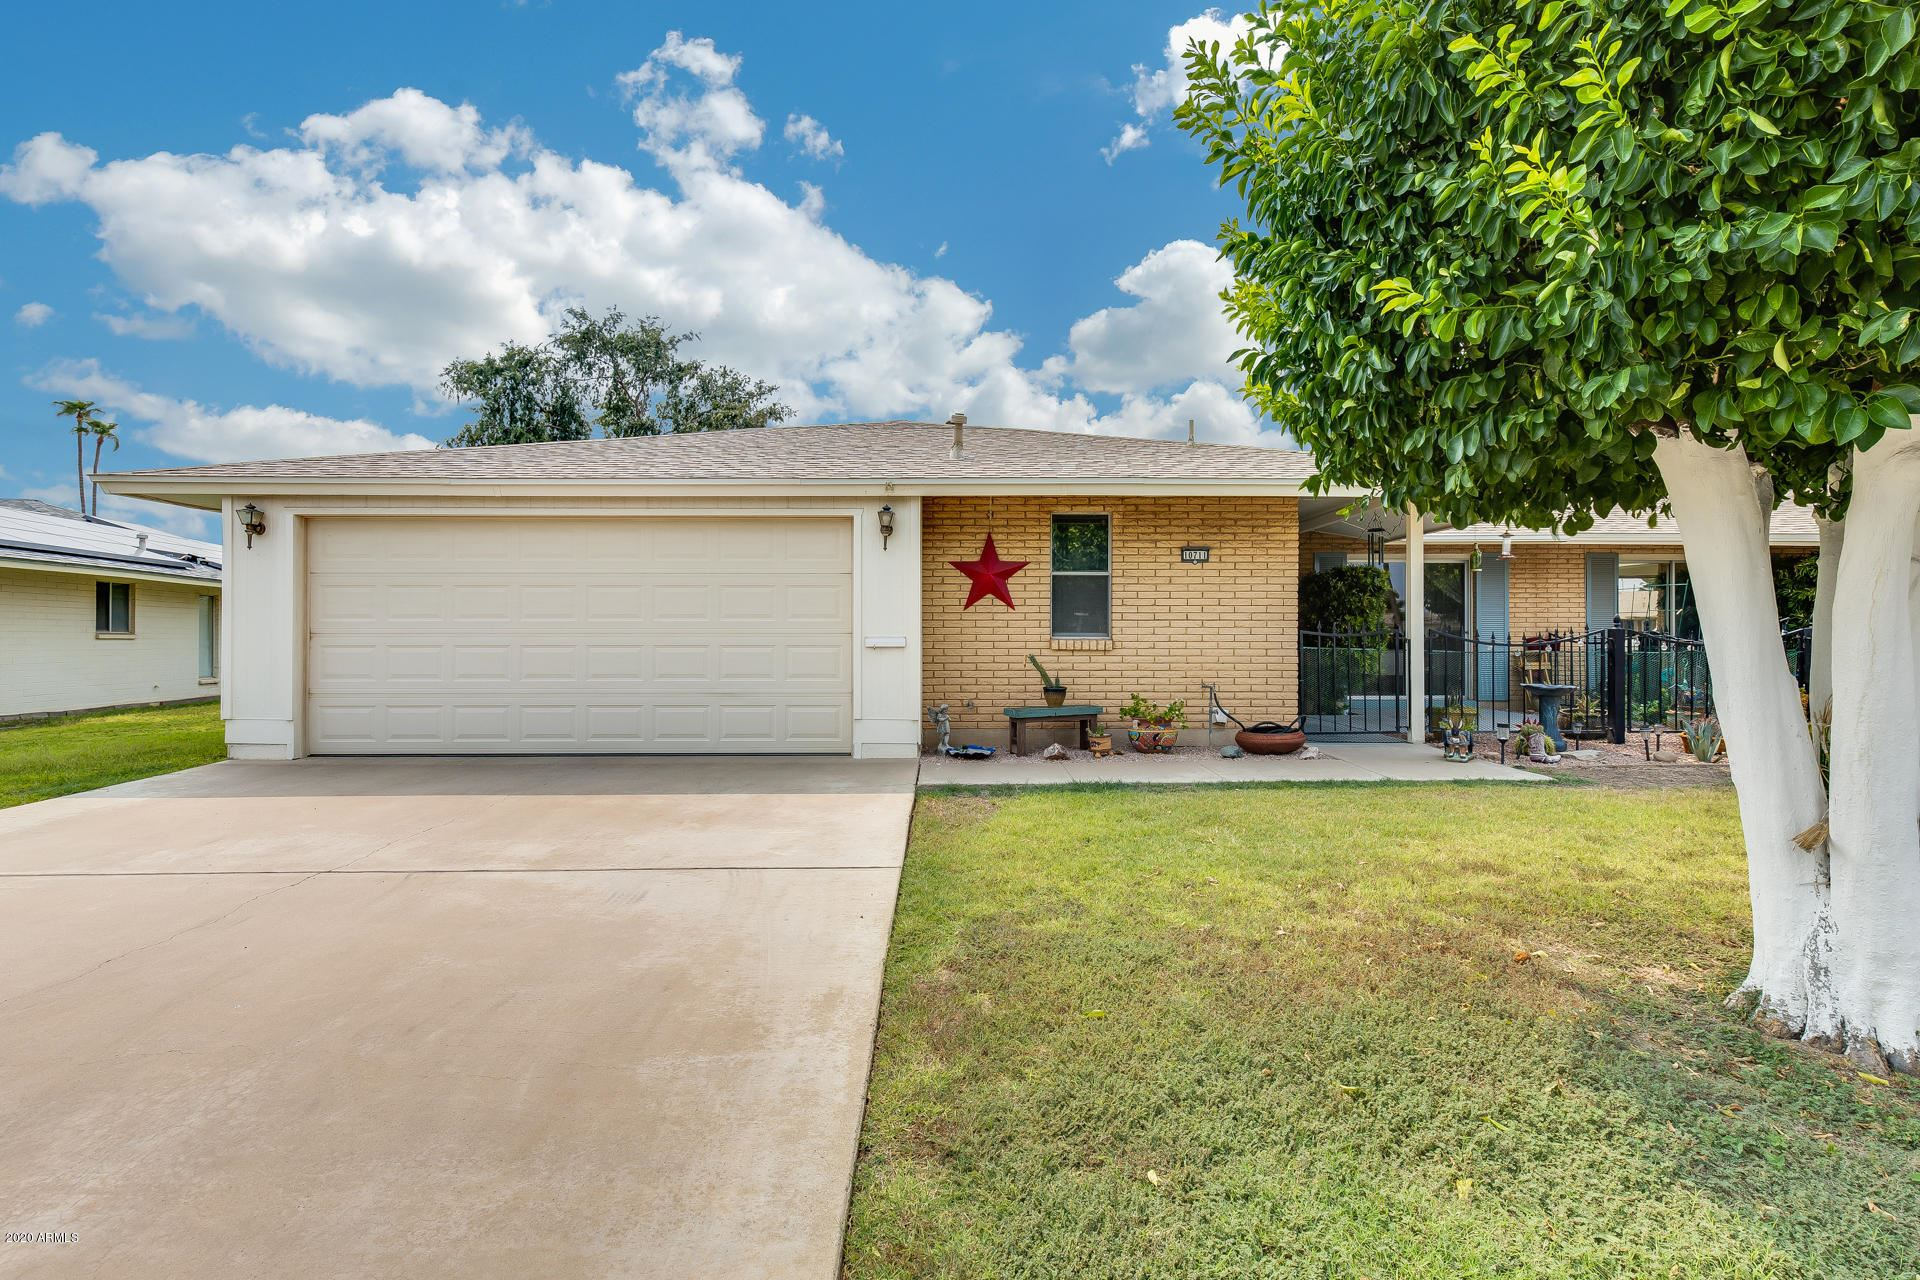 10711 W MISSION Lane, Sun City, AZ 85351 - MLS#: 6130861